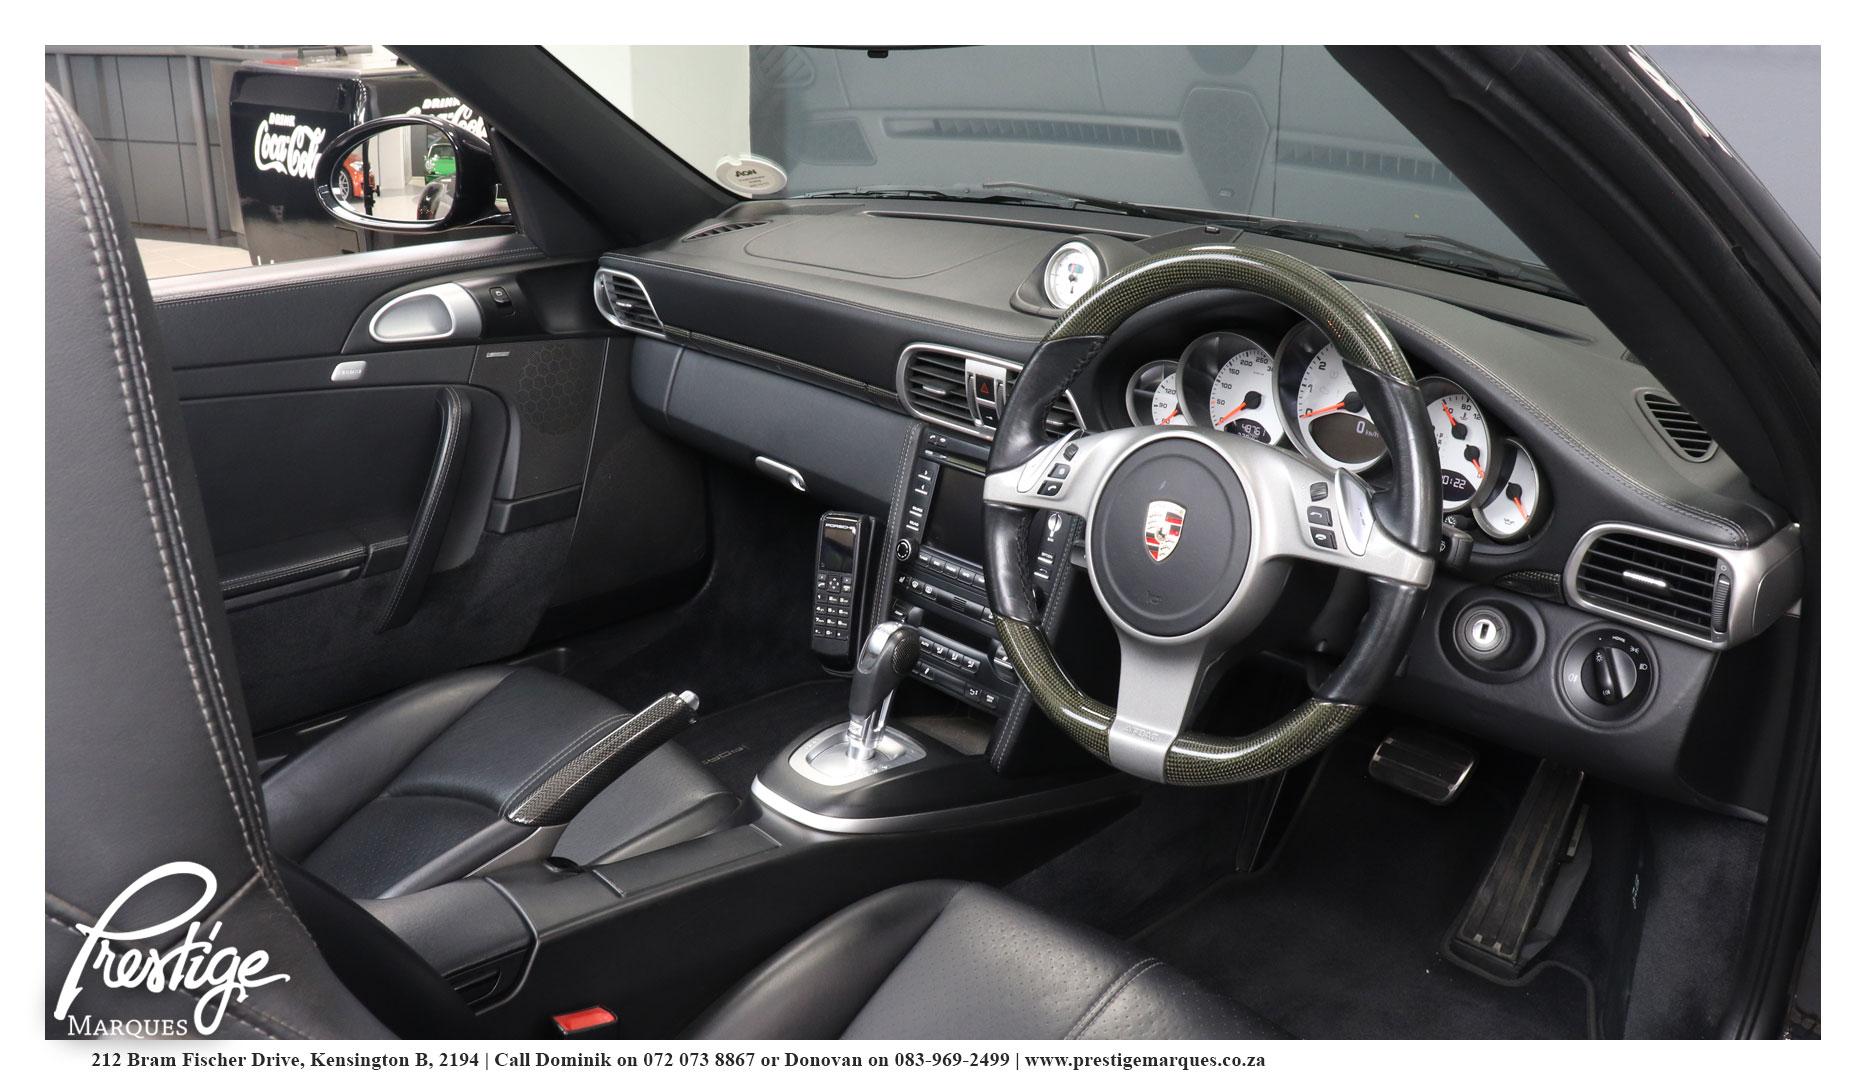 2009-Porsche-911- (997.2)-Carrera-4s-PDK Cabriolet-Prestige-Marques-Randburg-Sandton-17